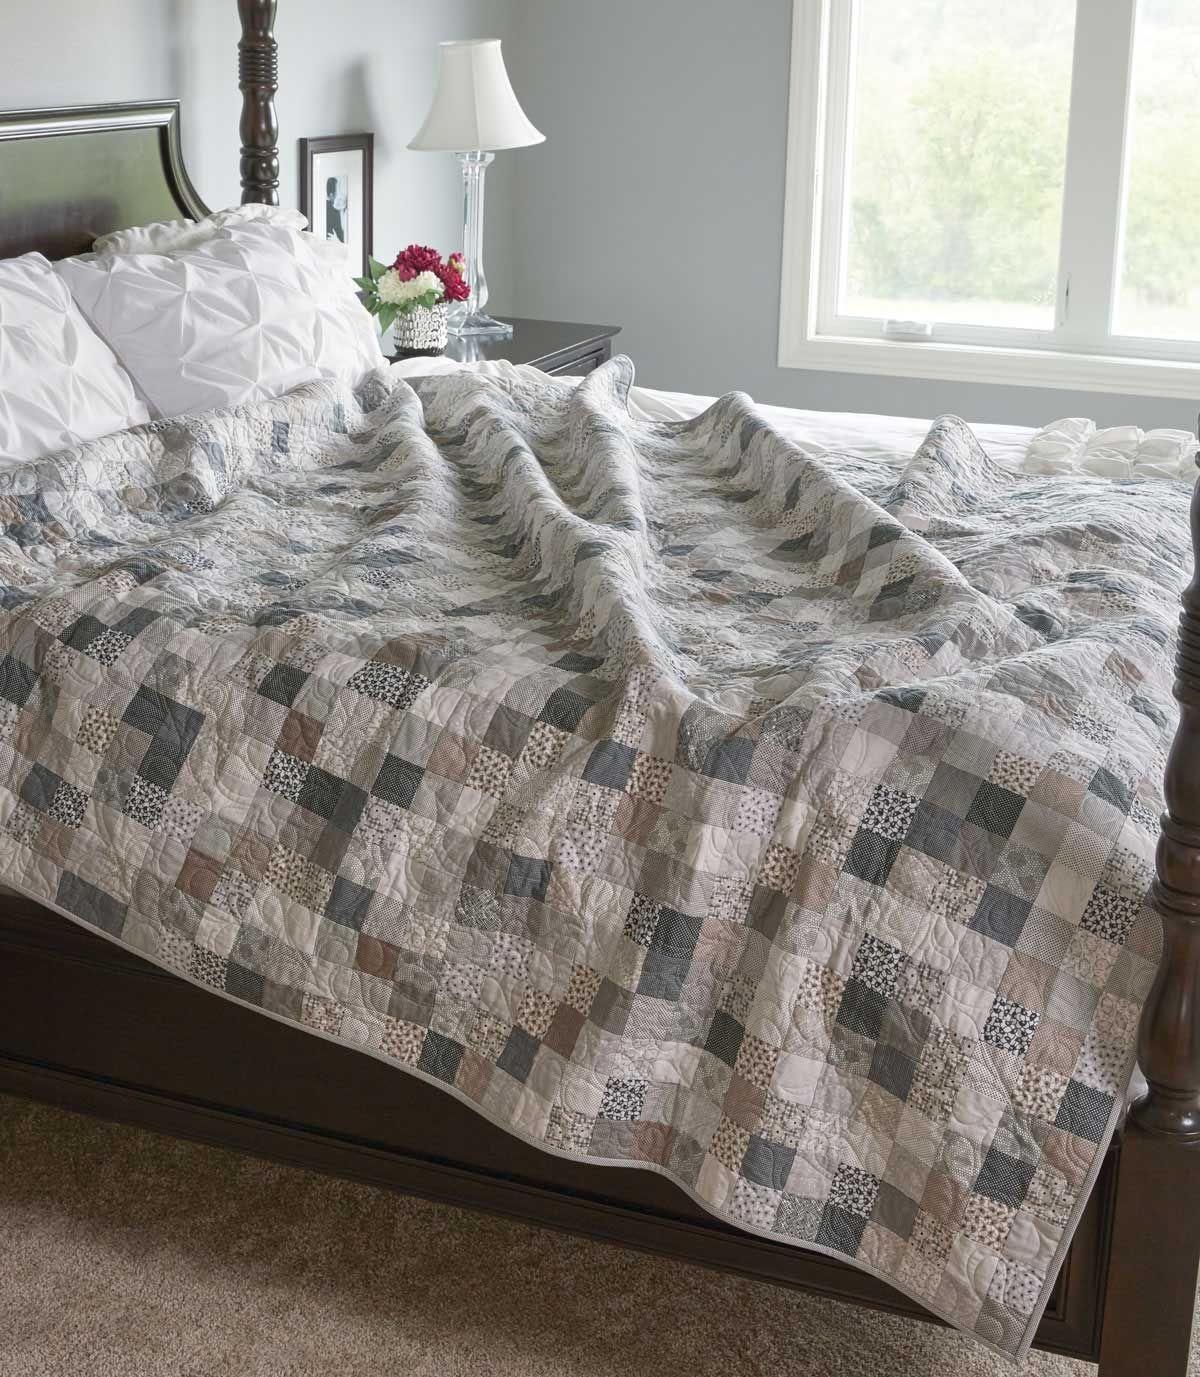 Queen Size Quilt Patterns Best Design Ideas